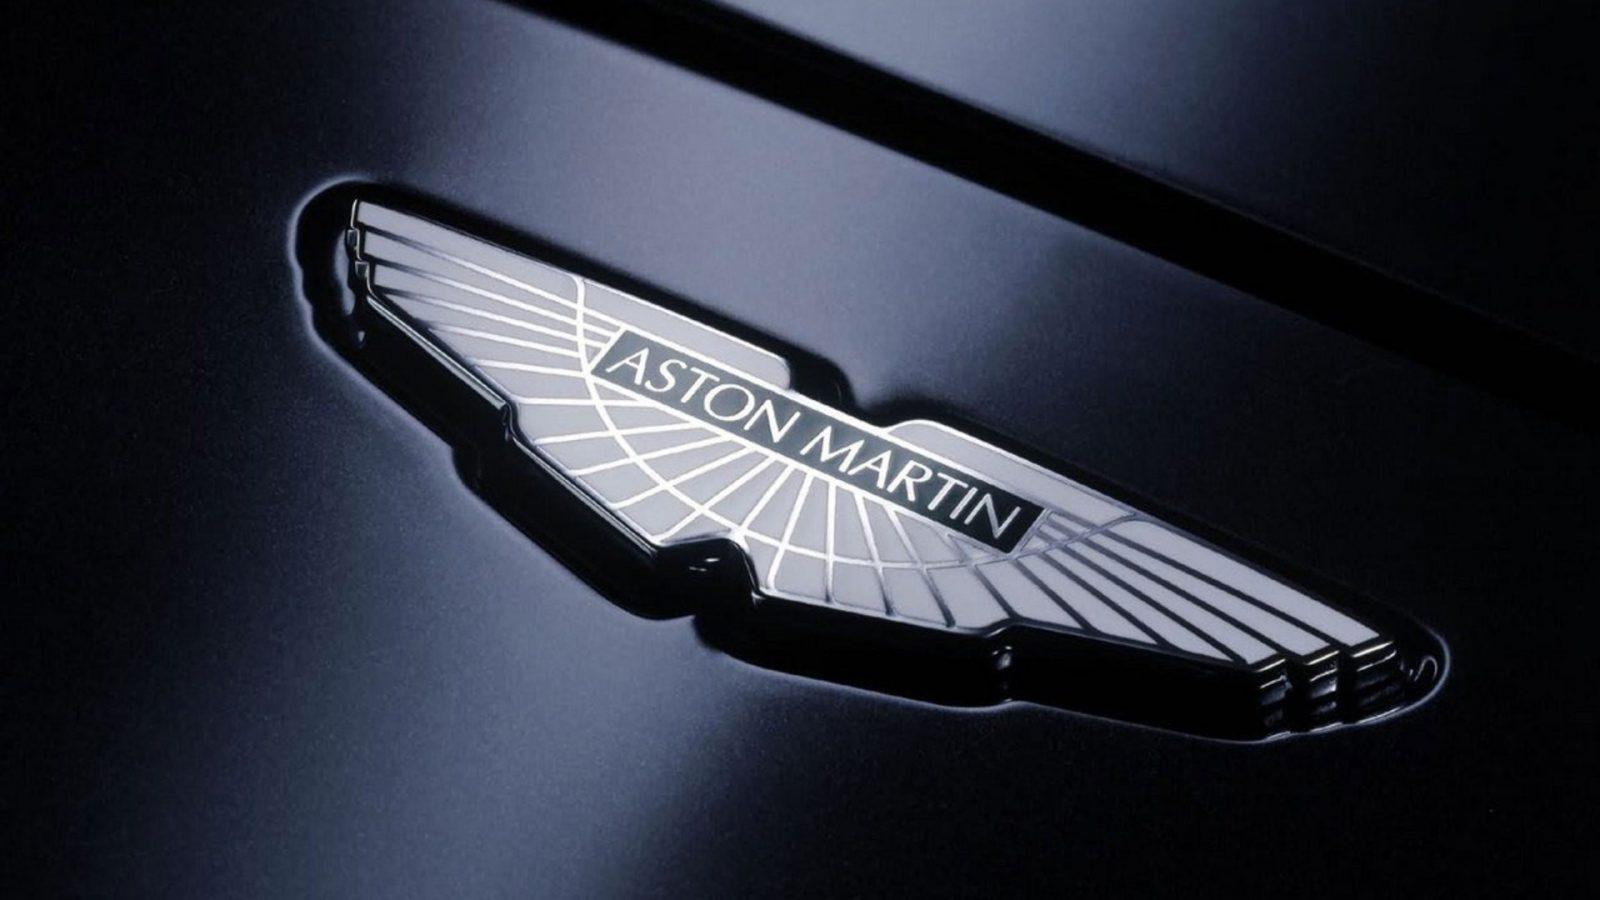 Значок «Астон Мартин», что он означает и как был придуман